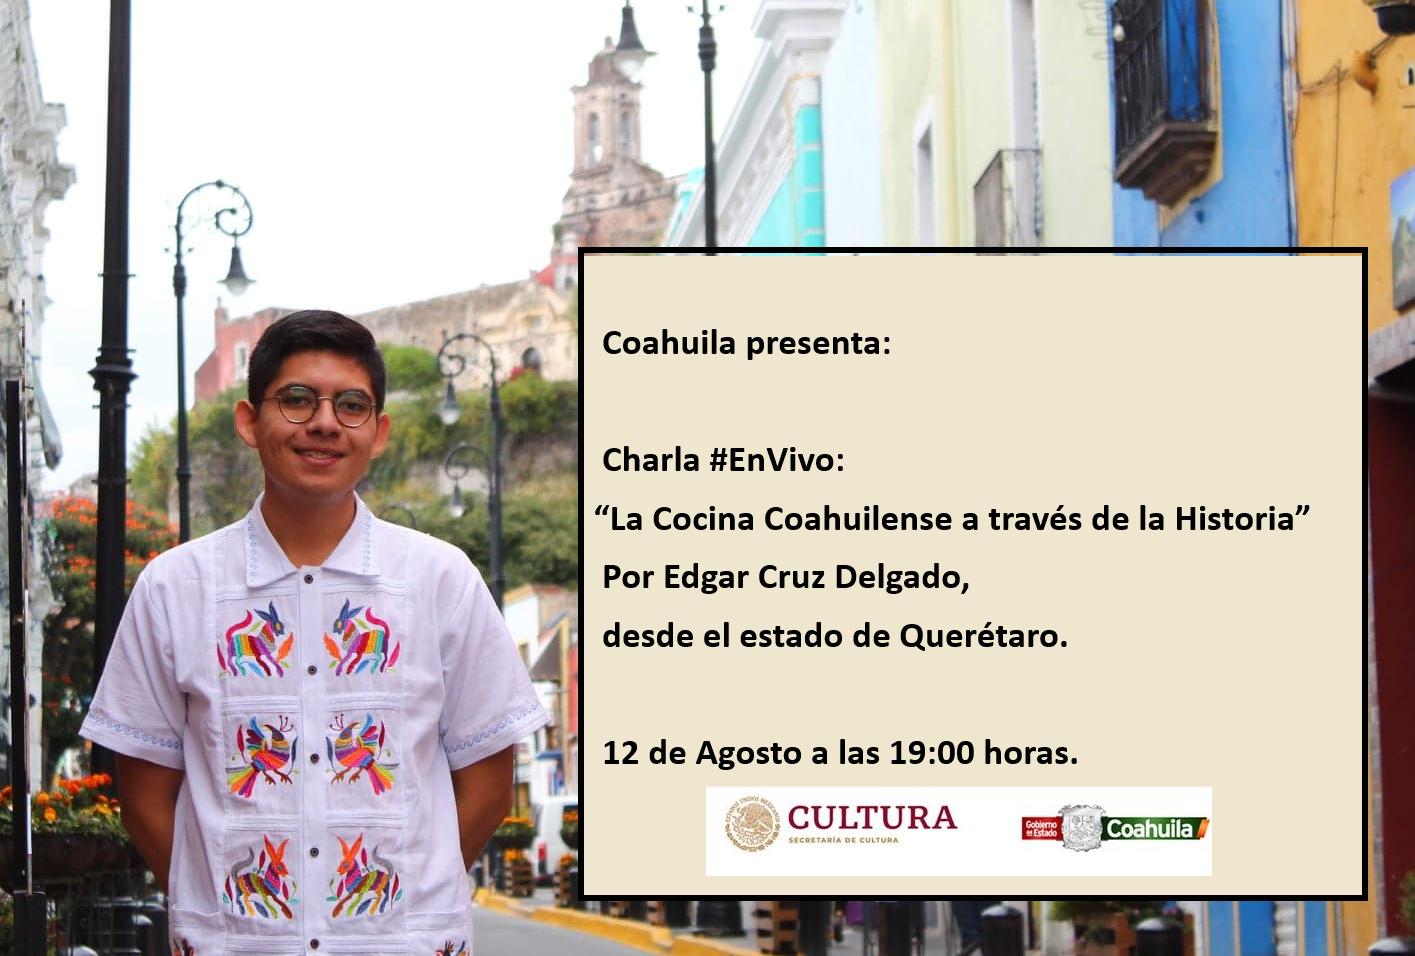 Charla #EnVivo «La Cocina Coahuilense através de la Historia» por Edgar Cruz Delgado.